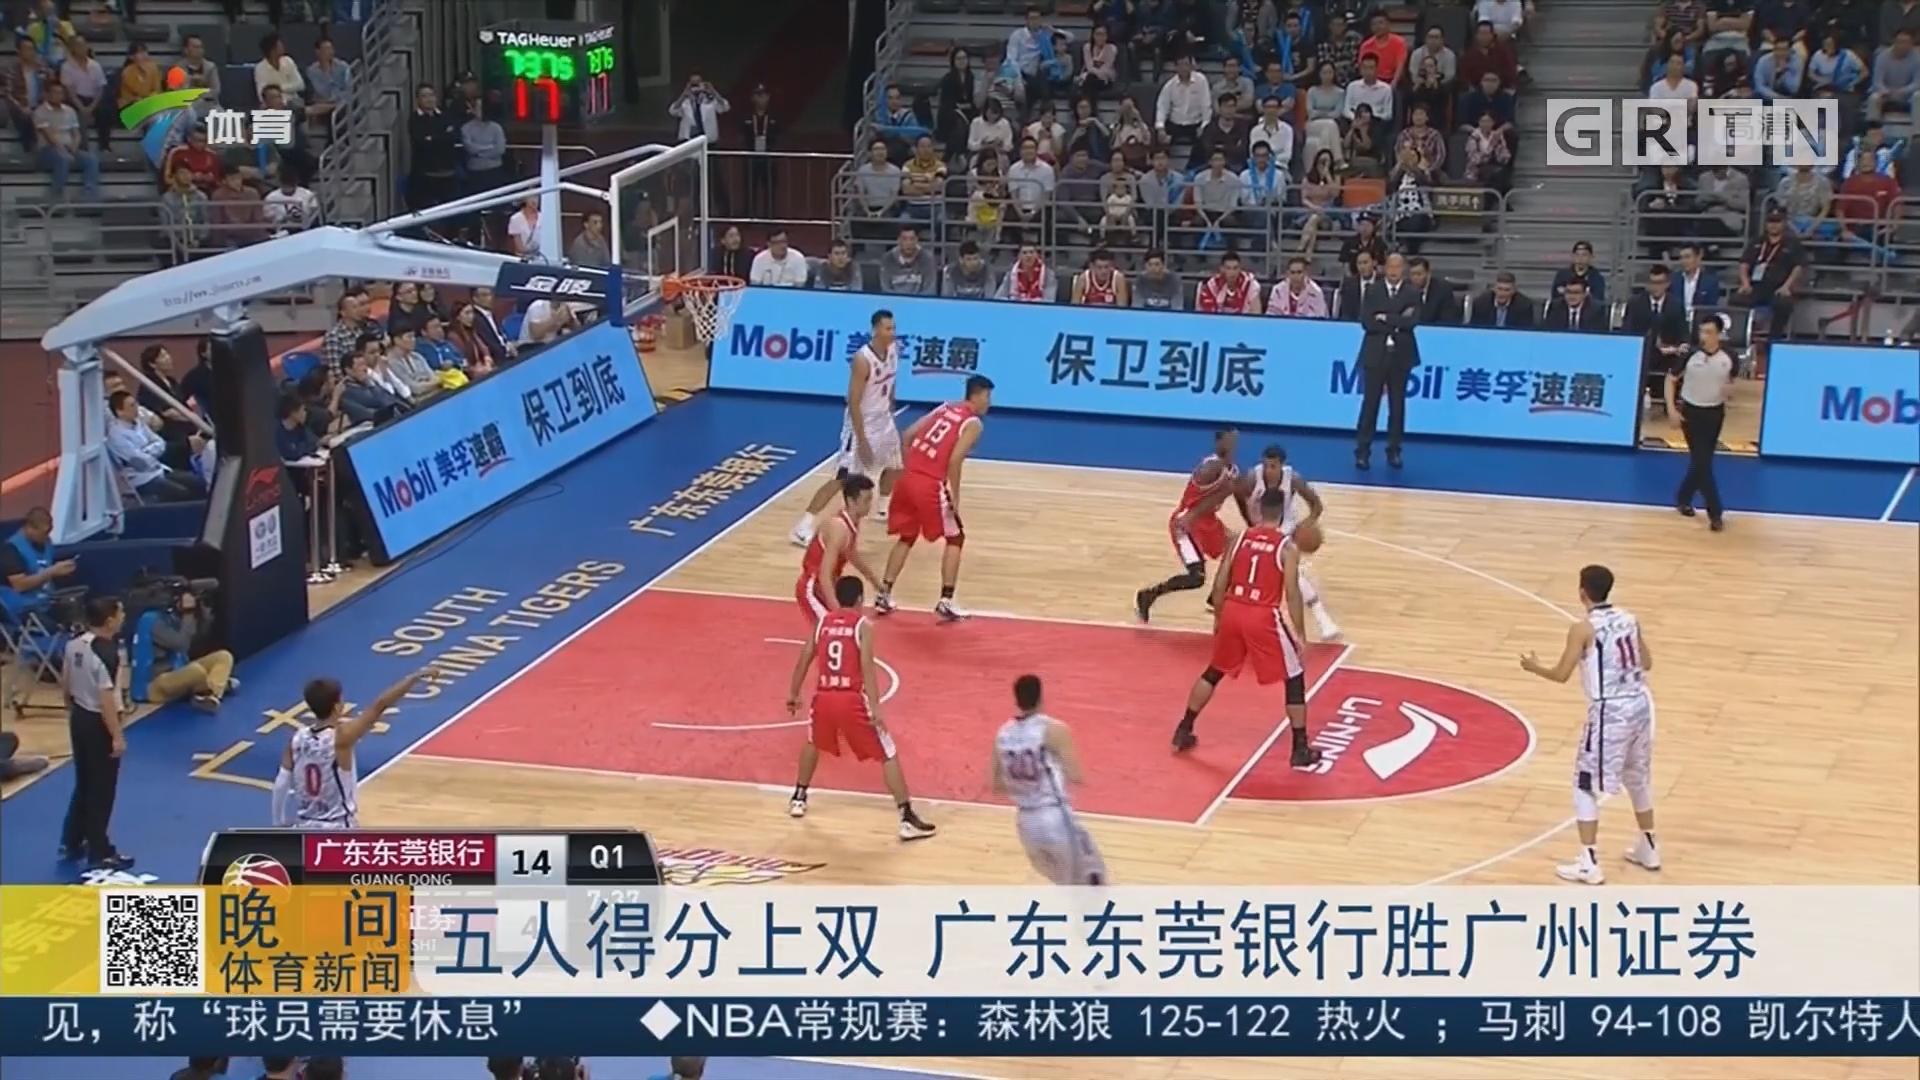 五人得分上双 广东东莞银行胜广州证券